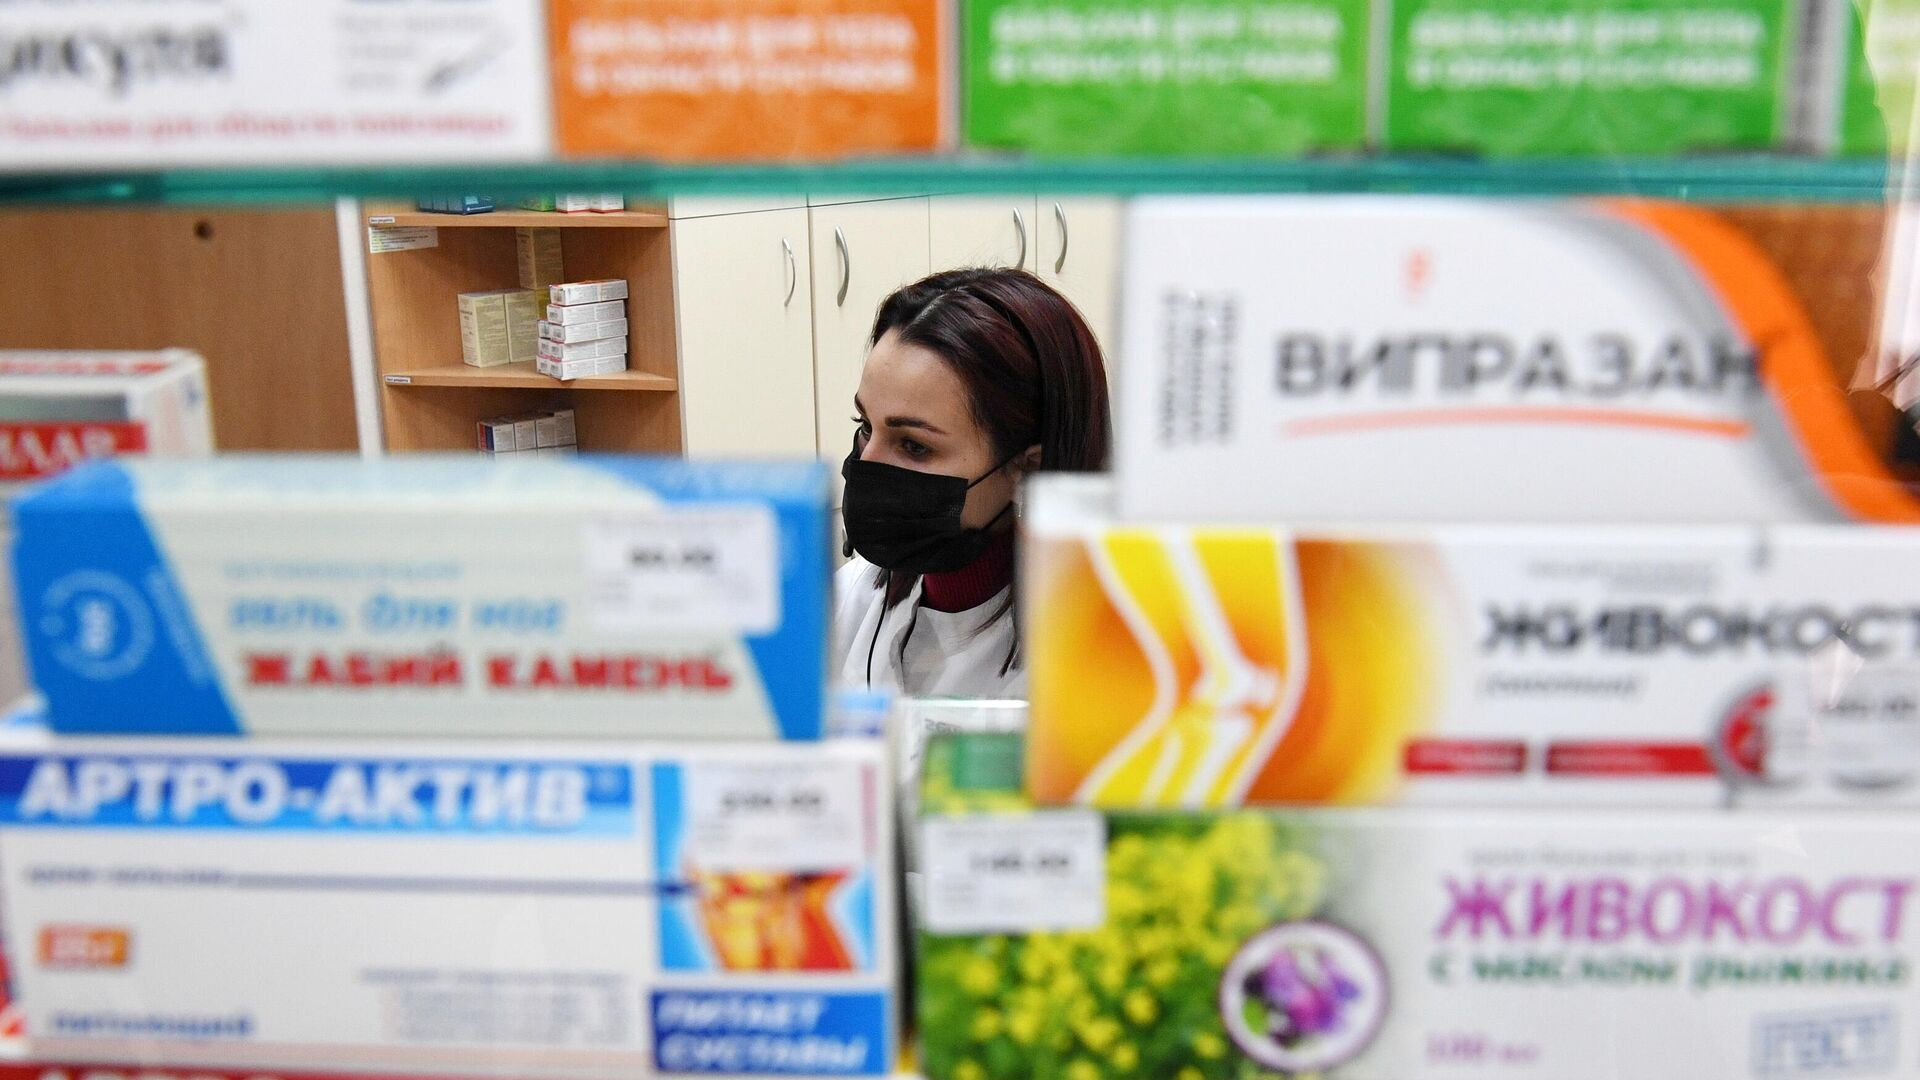 Аналитики рассказали, как россияне покупают лекарства в интернете